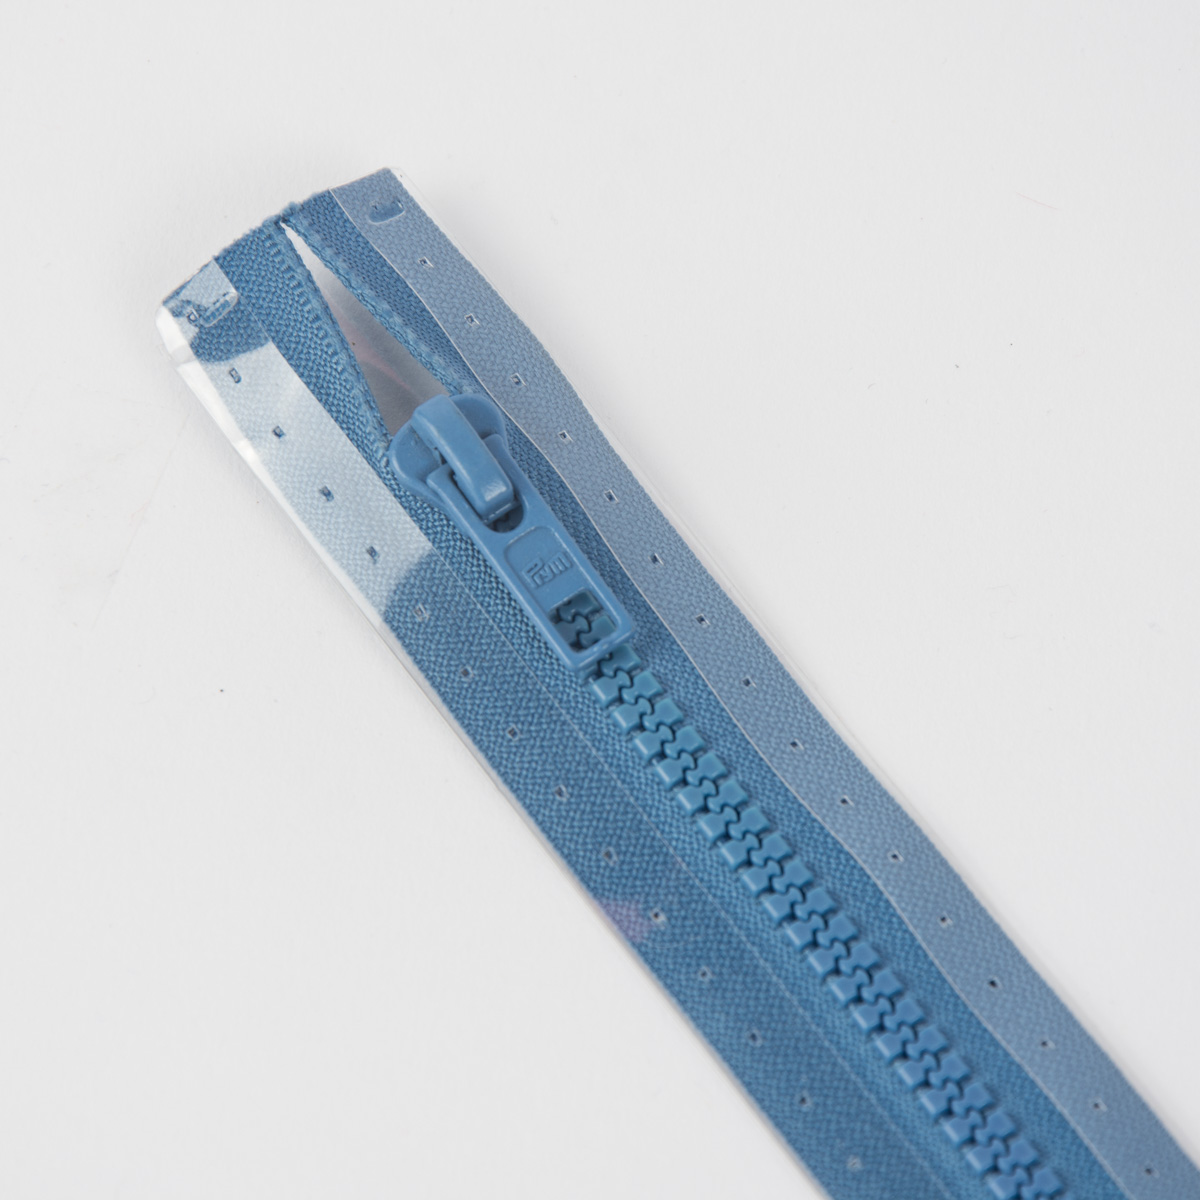 Reißverschluss S4 Profil tb 50 cm Fla azurblau